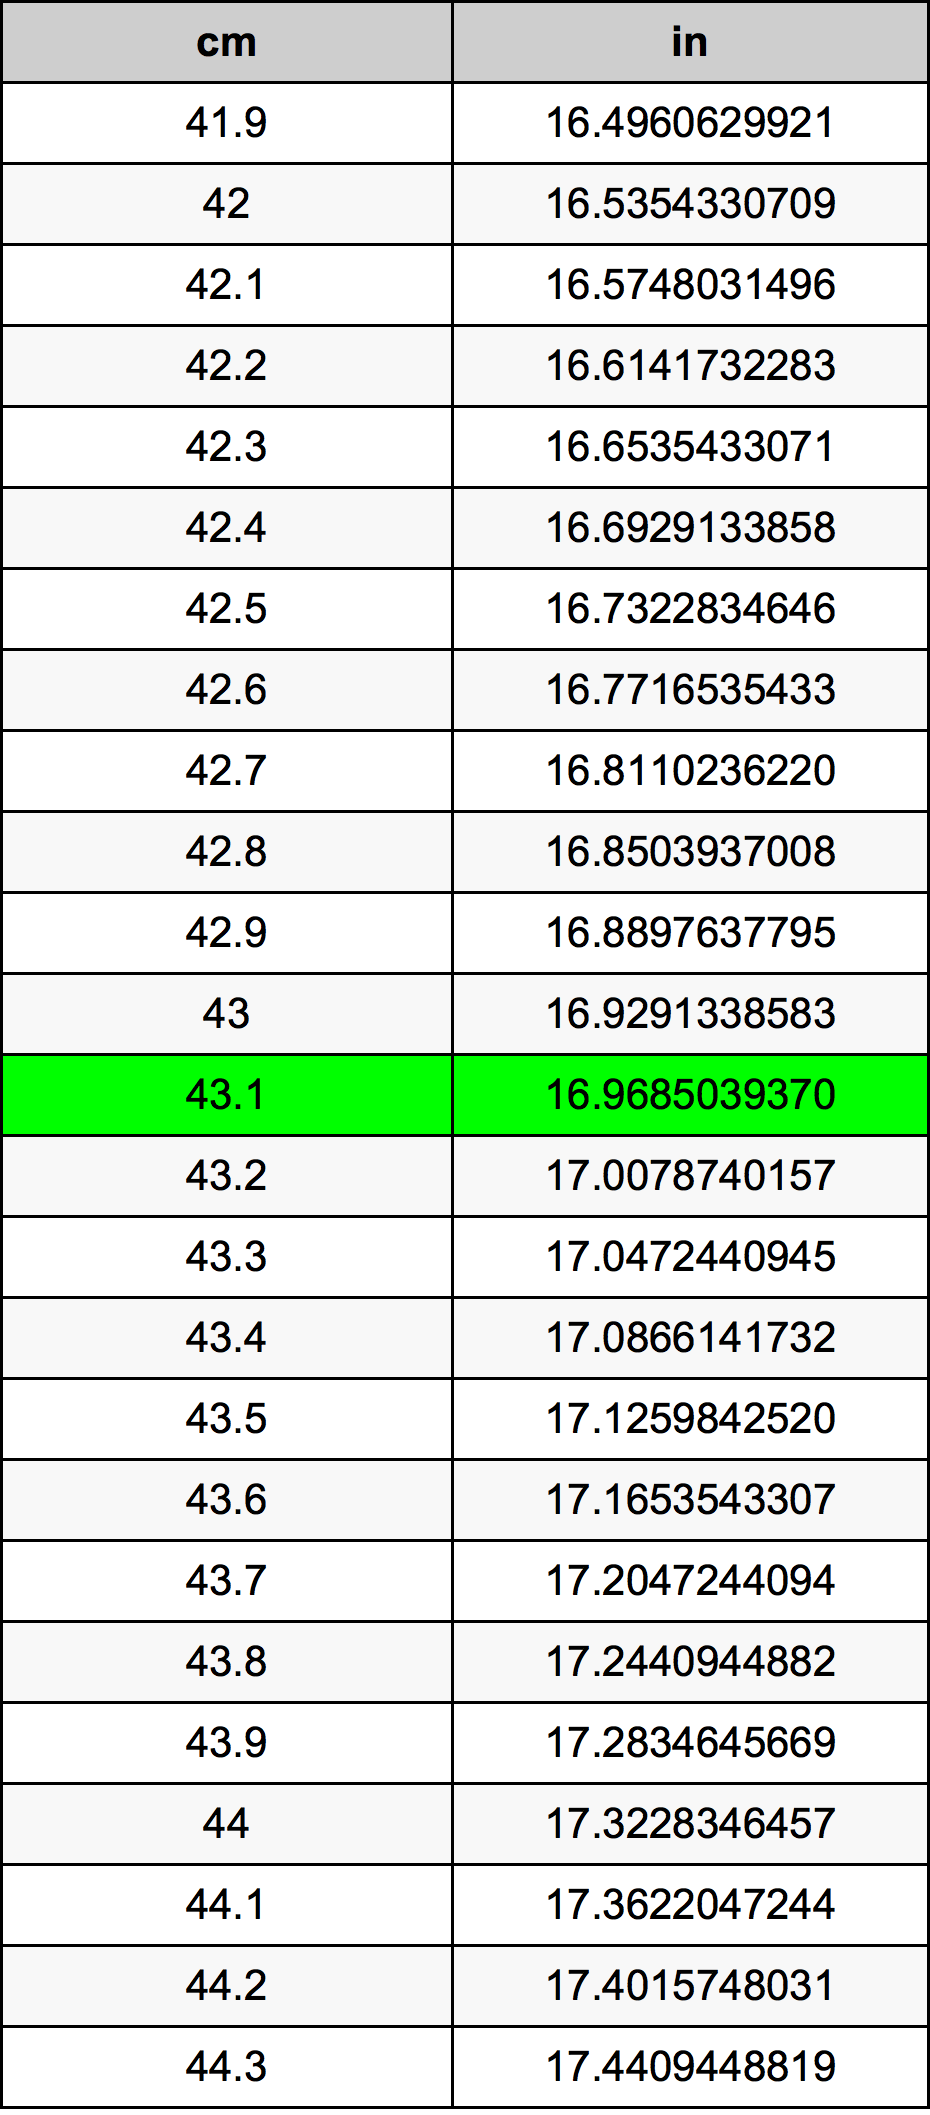 43.1 Zentimeter Umrechnungstabelle